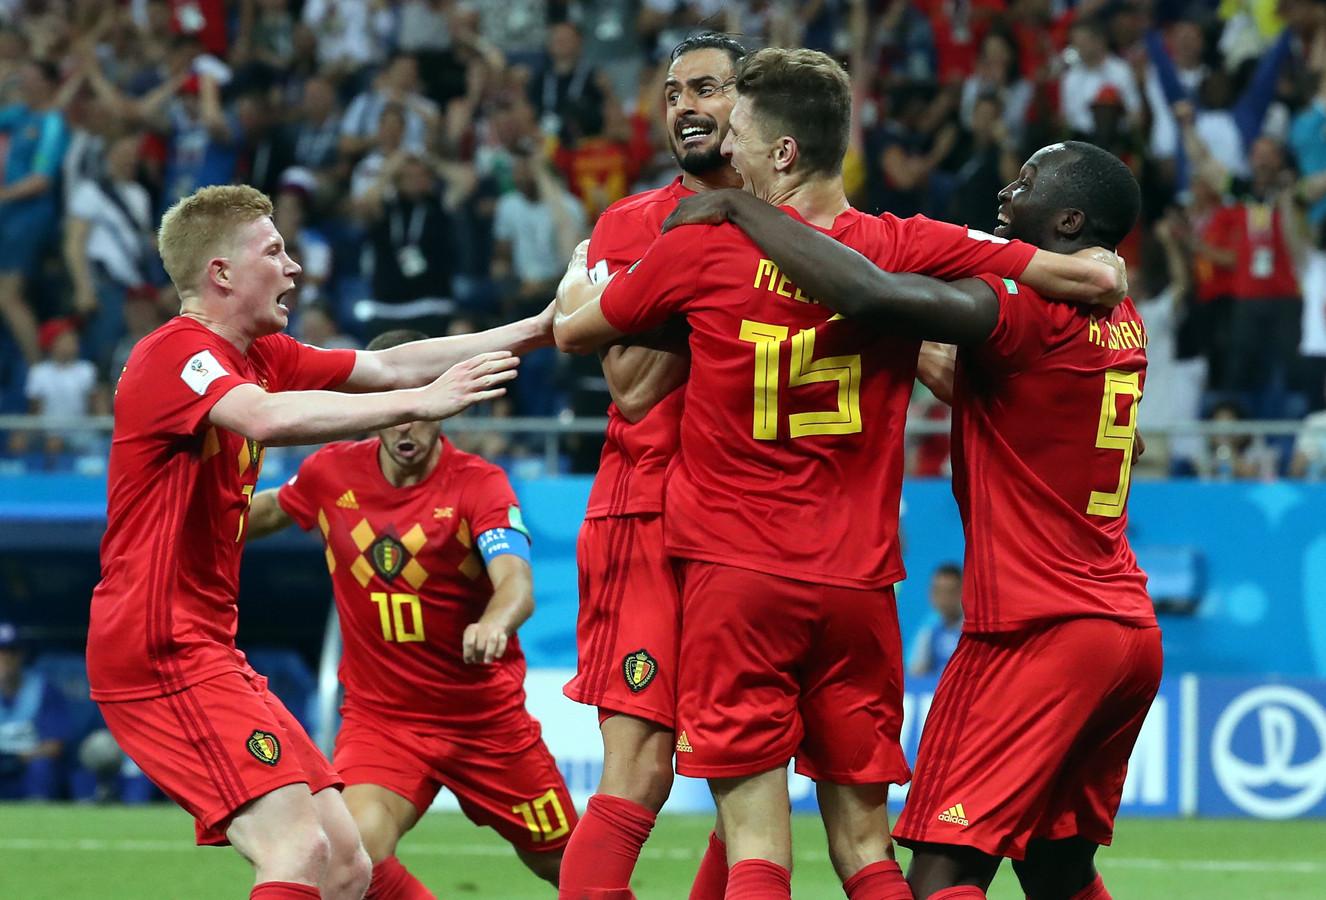 Nacer Chadli célèbre son but de la victoire en huitièmes de finale du Mondial 2018 en Russie contre le Japon (3-2).